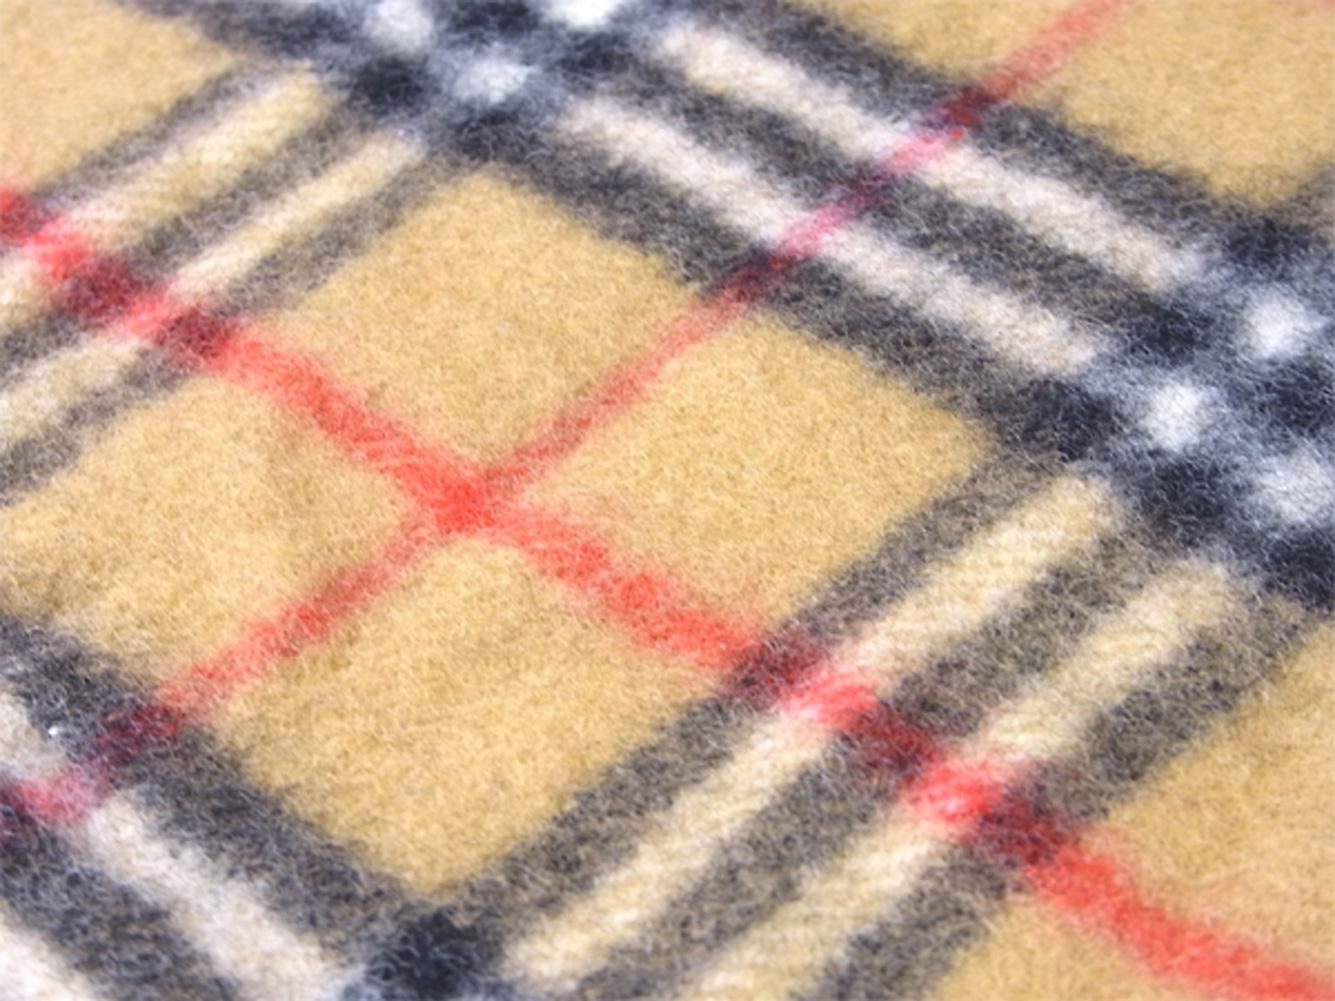 バーバリー BURBERRY マフラー フリンジ付き ガールズ ボーイズ キッズ 子供用 ベージュ ブラック レッド系 ウール 毛 T9735 AOXZiuTkP